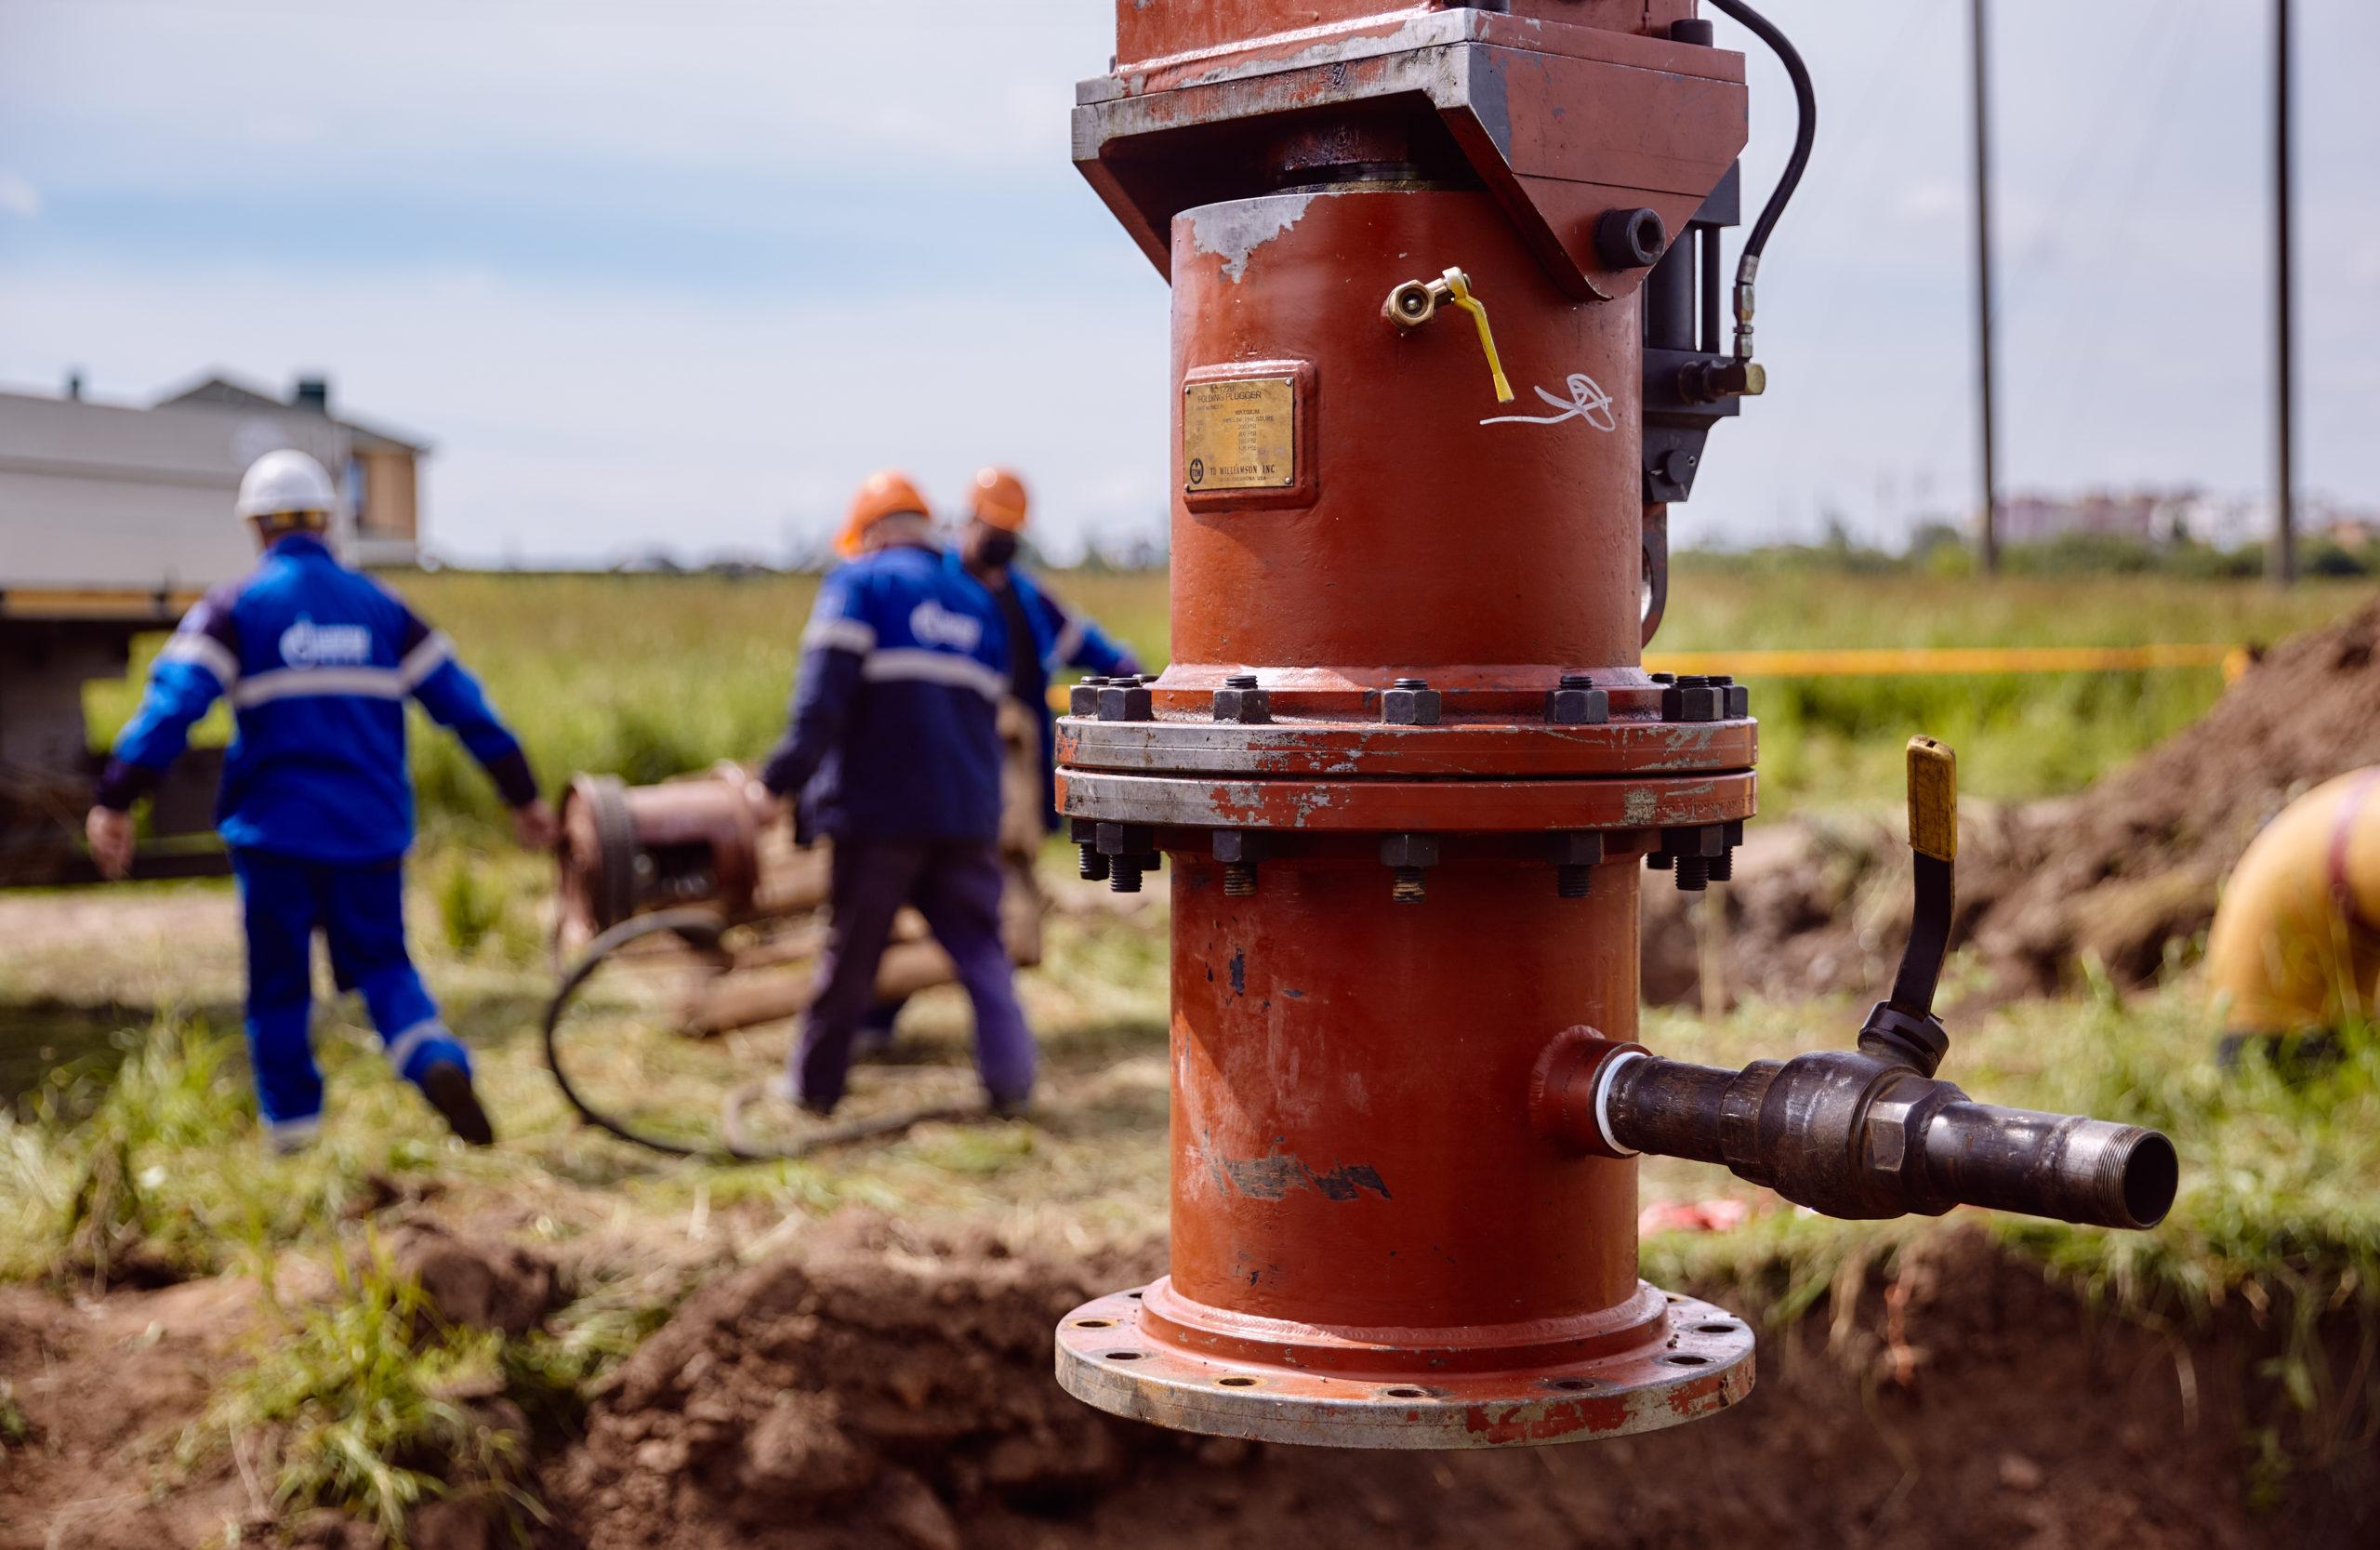 В 2021 году в Тверской области планируется построить 183 километра газовых сетей